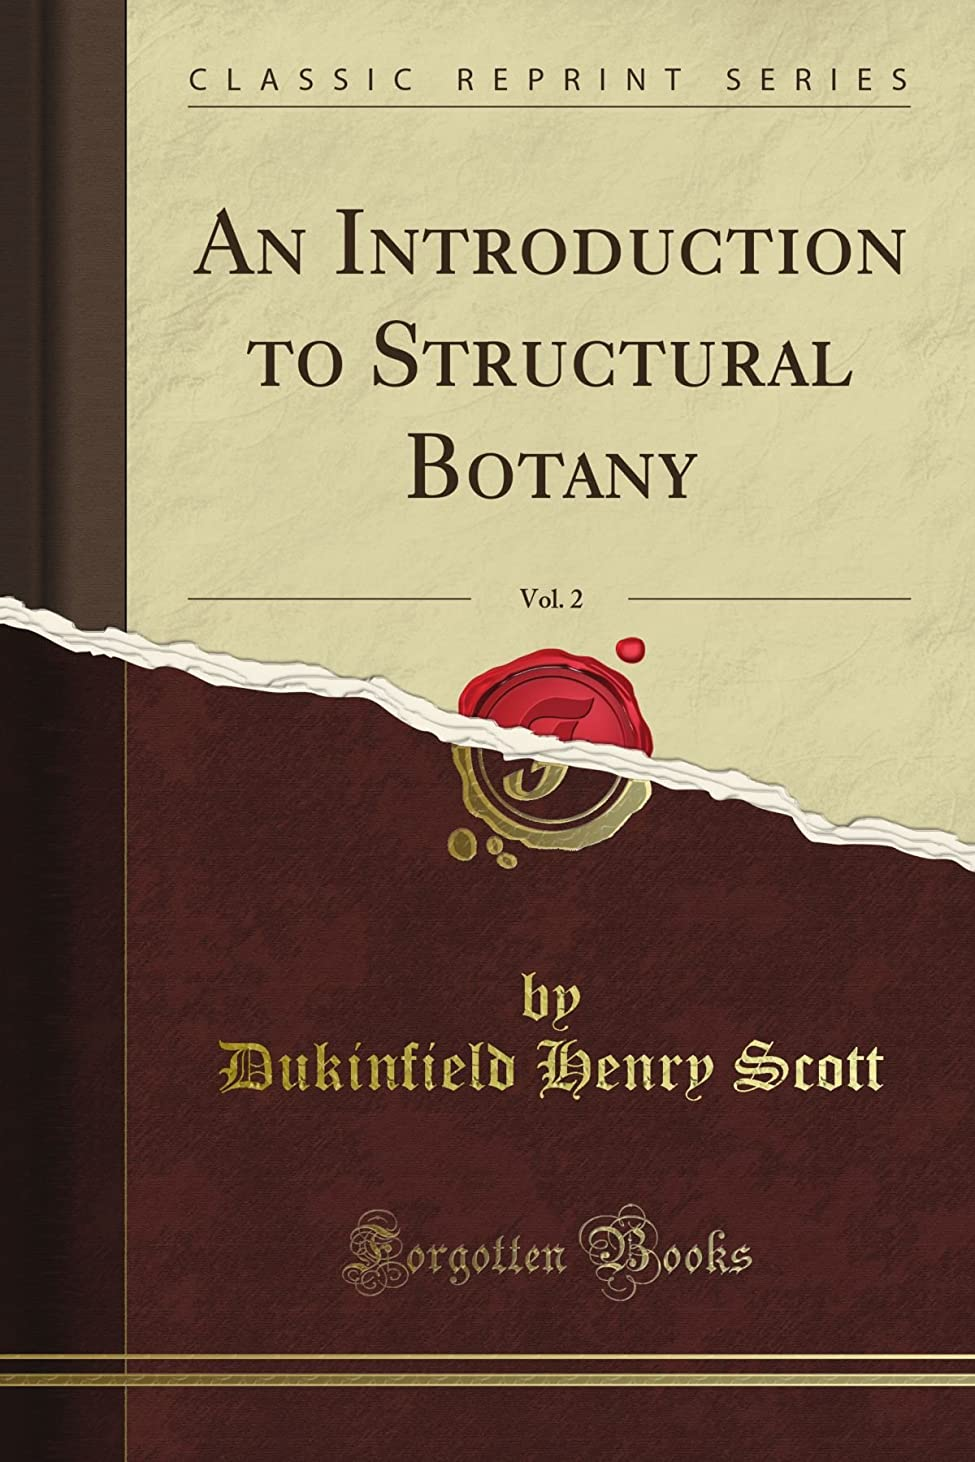 紳士残り物証明するAn Introduction to Structural Botany, Vol. 2 (Classic Reprint)